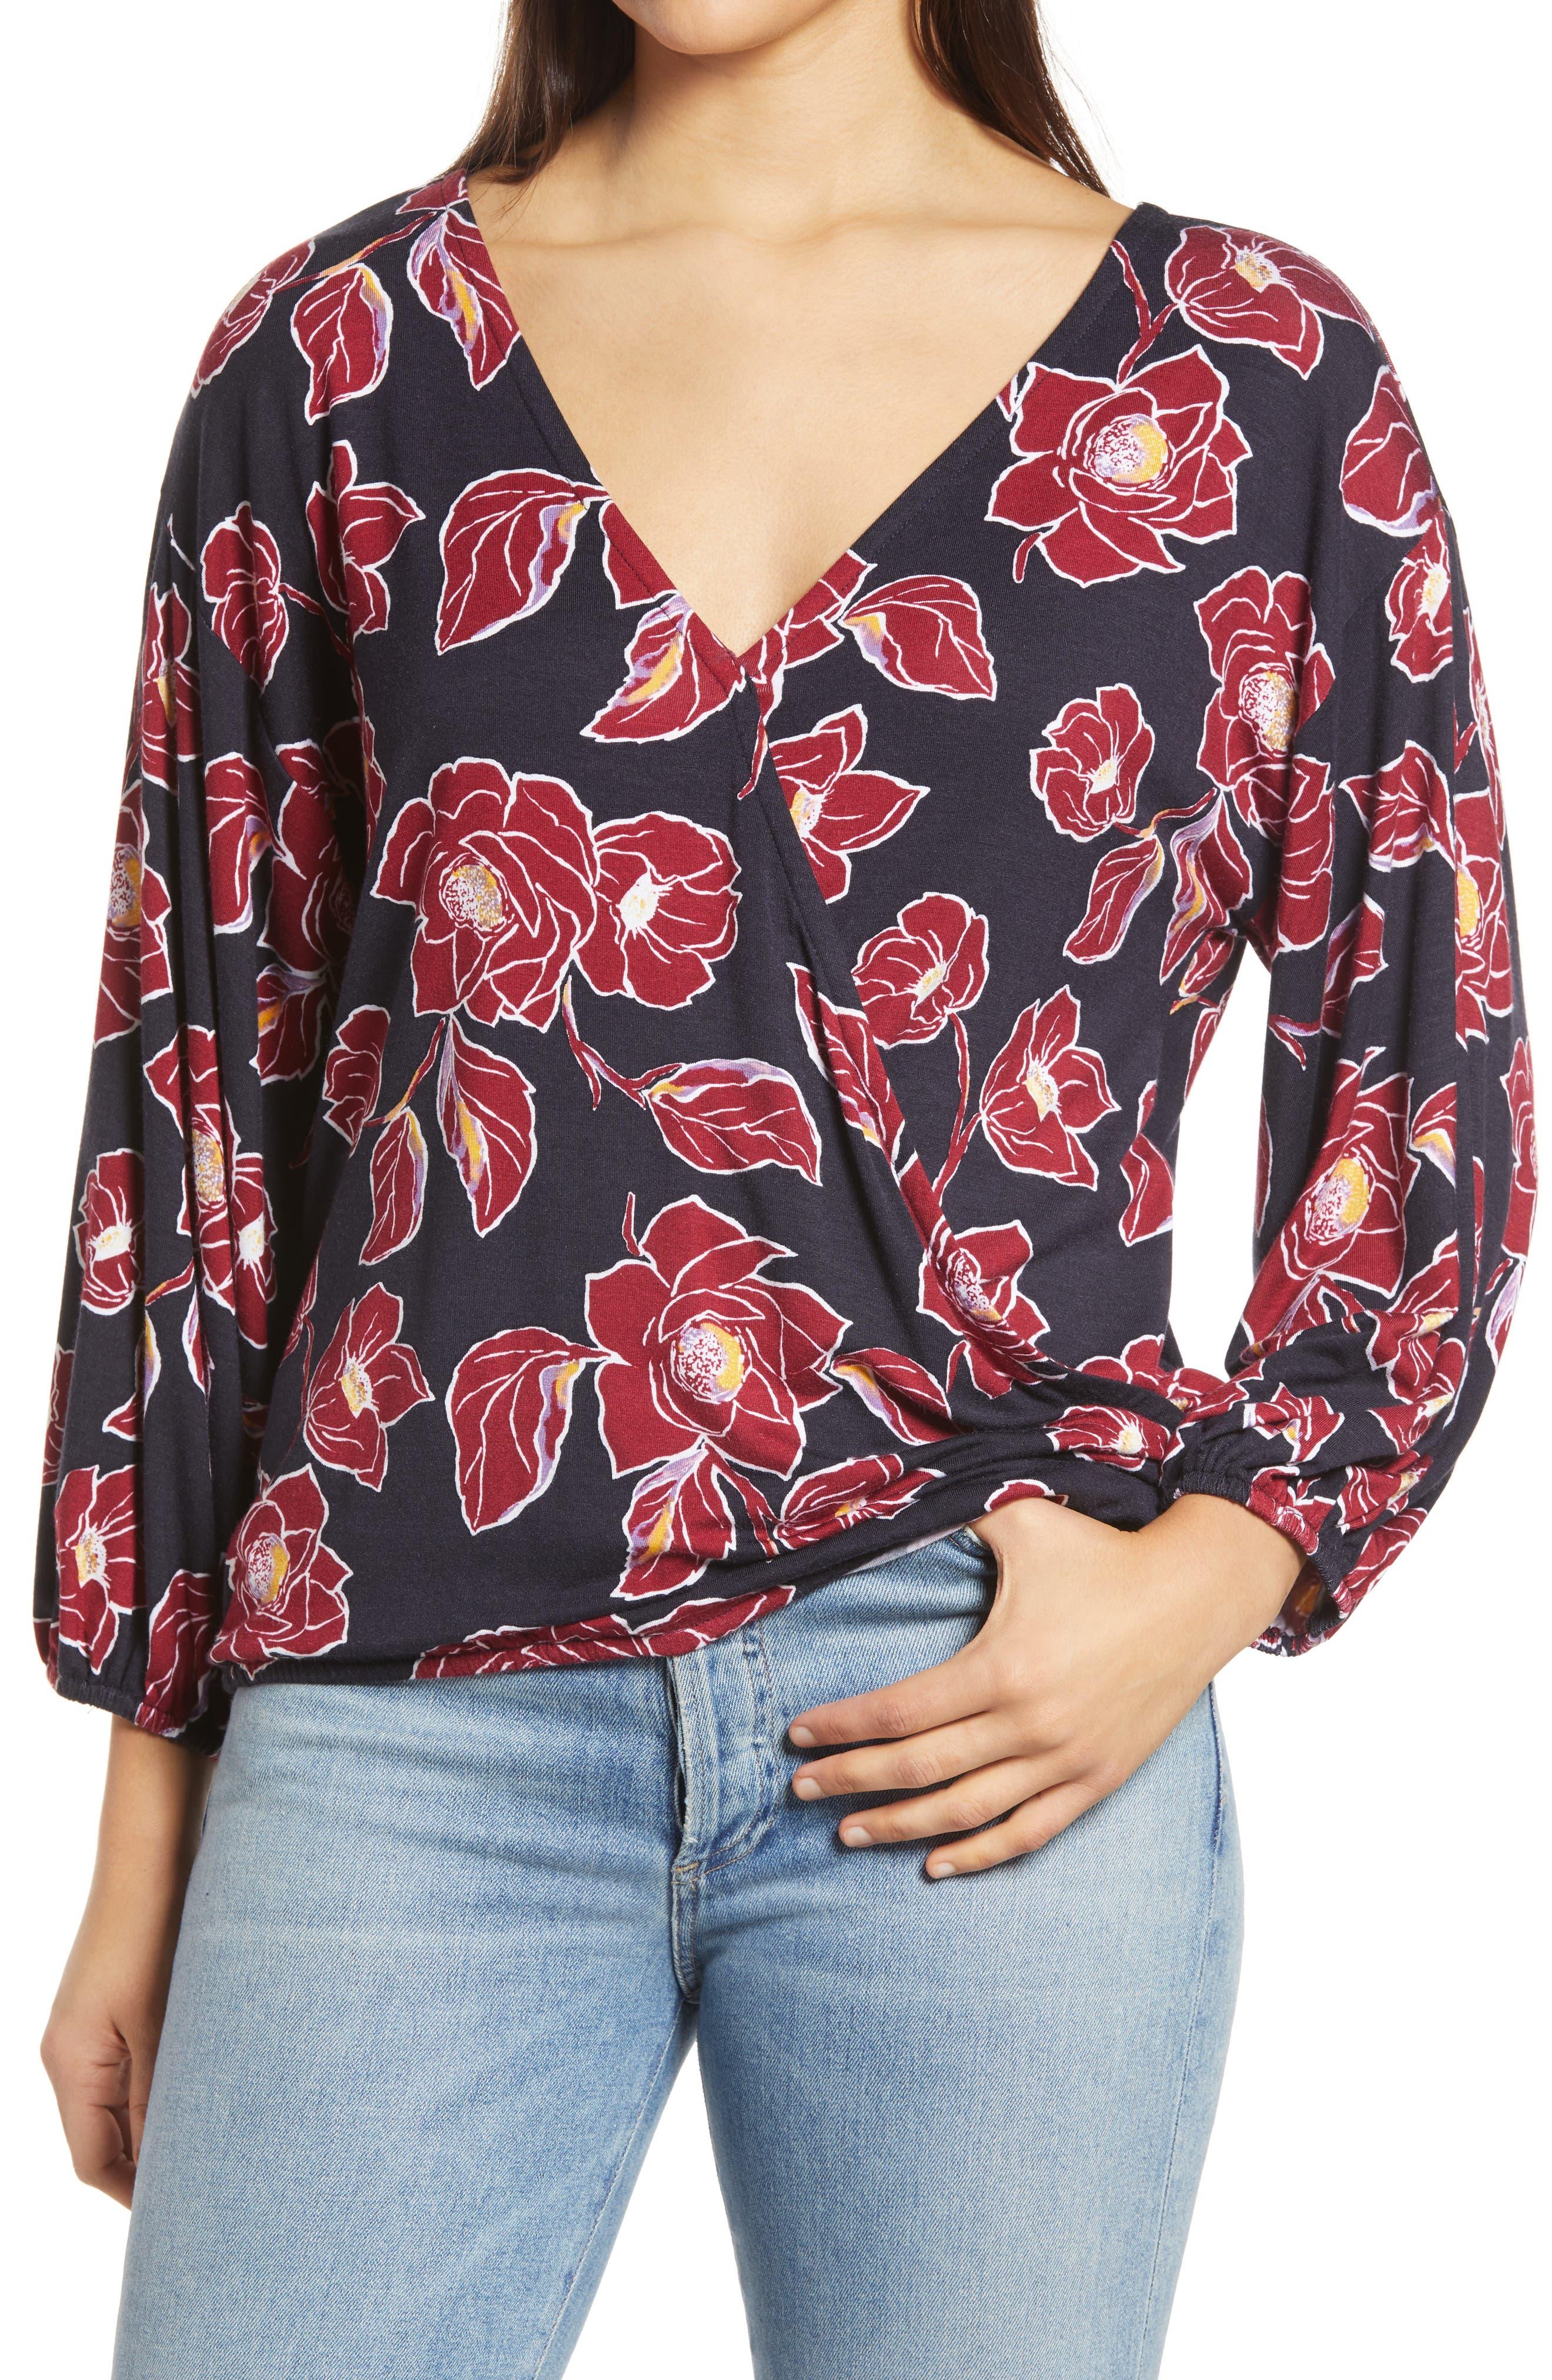 Floral Print Double Surplice Knit Top